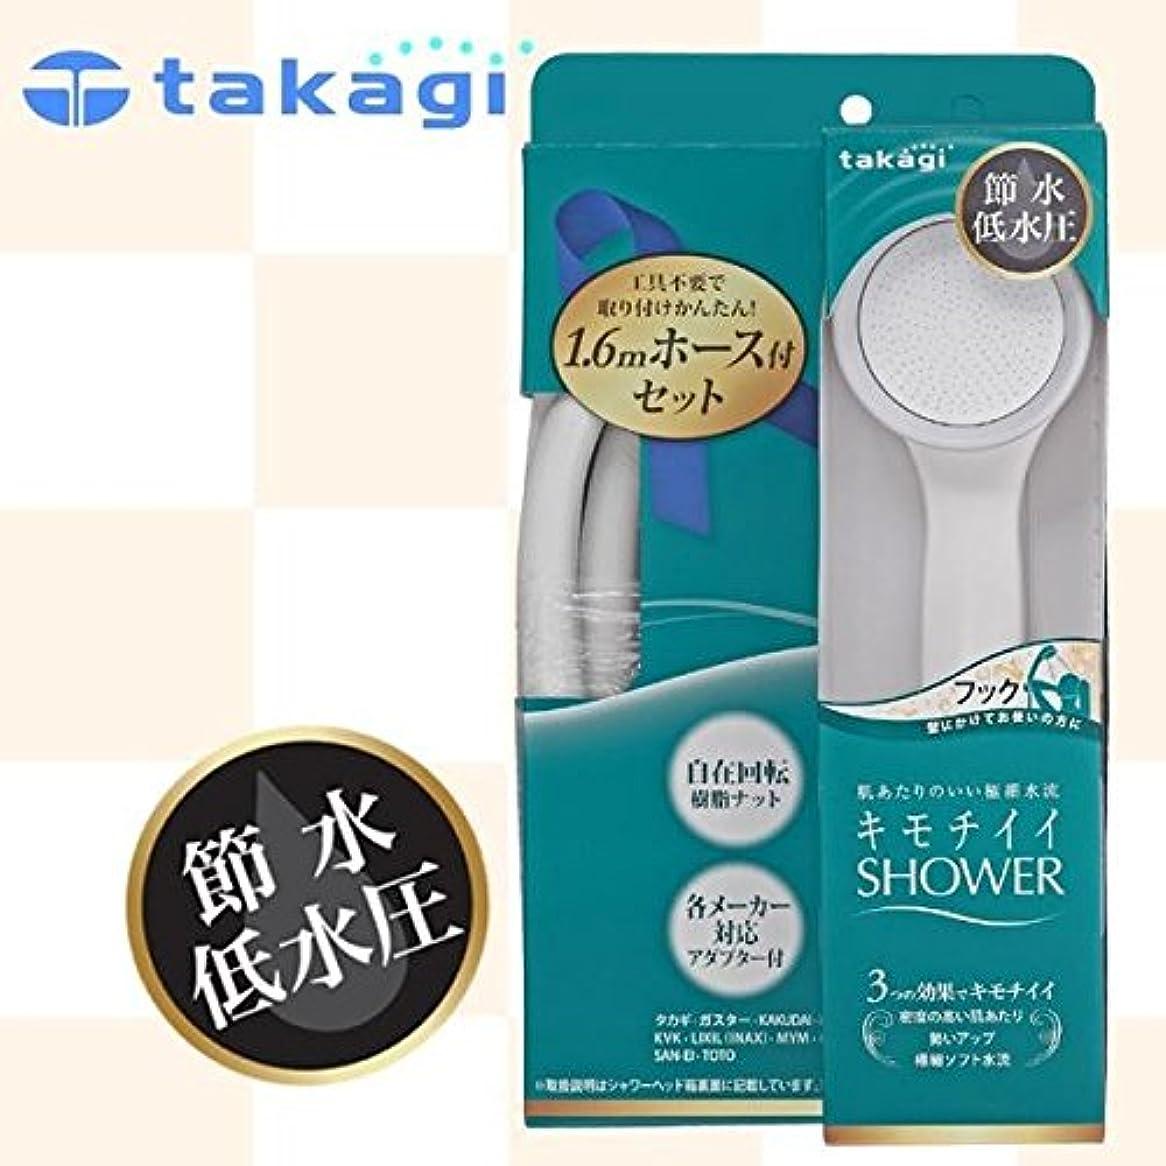 うまくいけば受ける差別化するtakagi タカギ 浴室用シャワーヘッド キモチイイシャワーホースセットWT フックタイプ【同梱?代引不可】